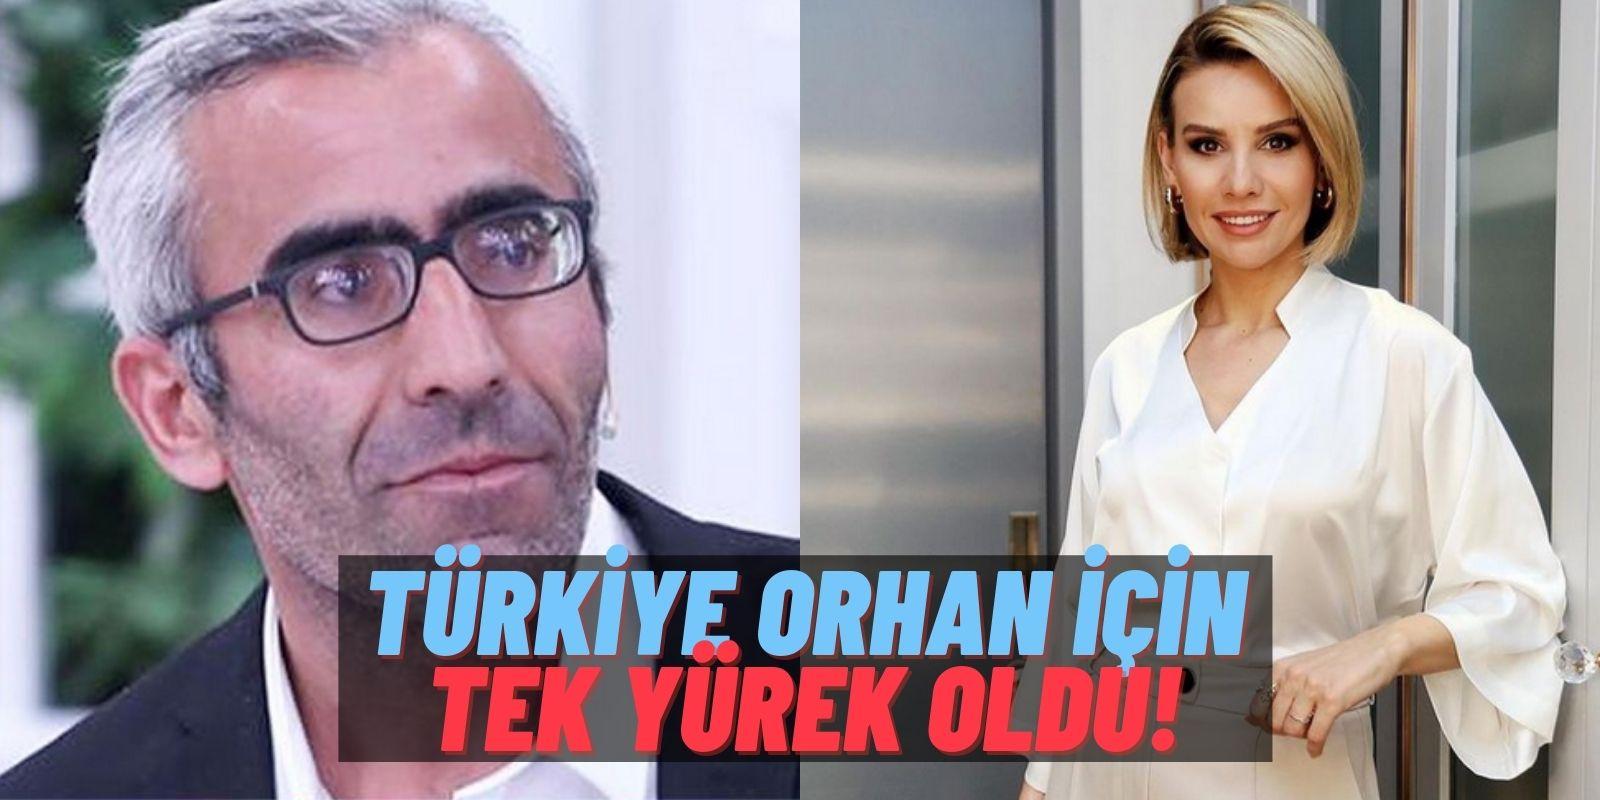 Tüm Türkiye Seferber Oldu: Esra Erol'un Programında Karısı Komşusuna Kaçan Orhan'ın Çaresizliği Yürekleri Yaktı!